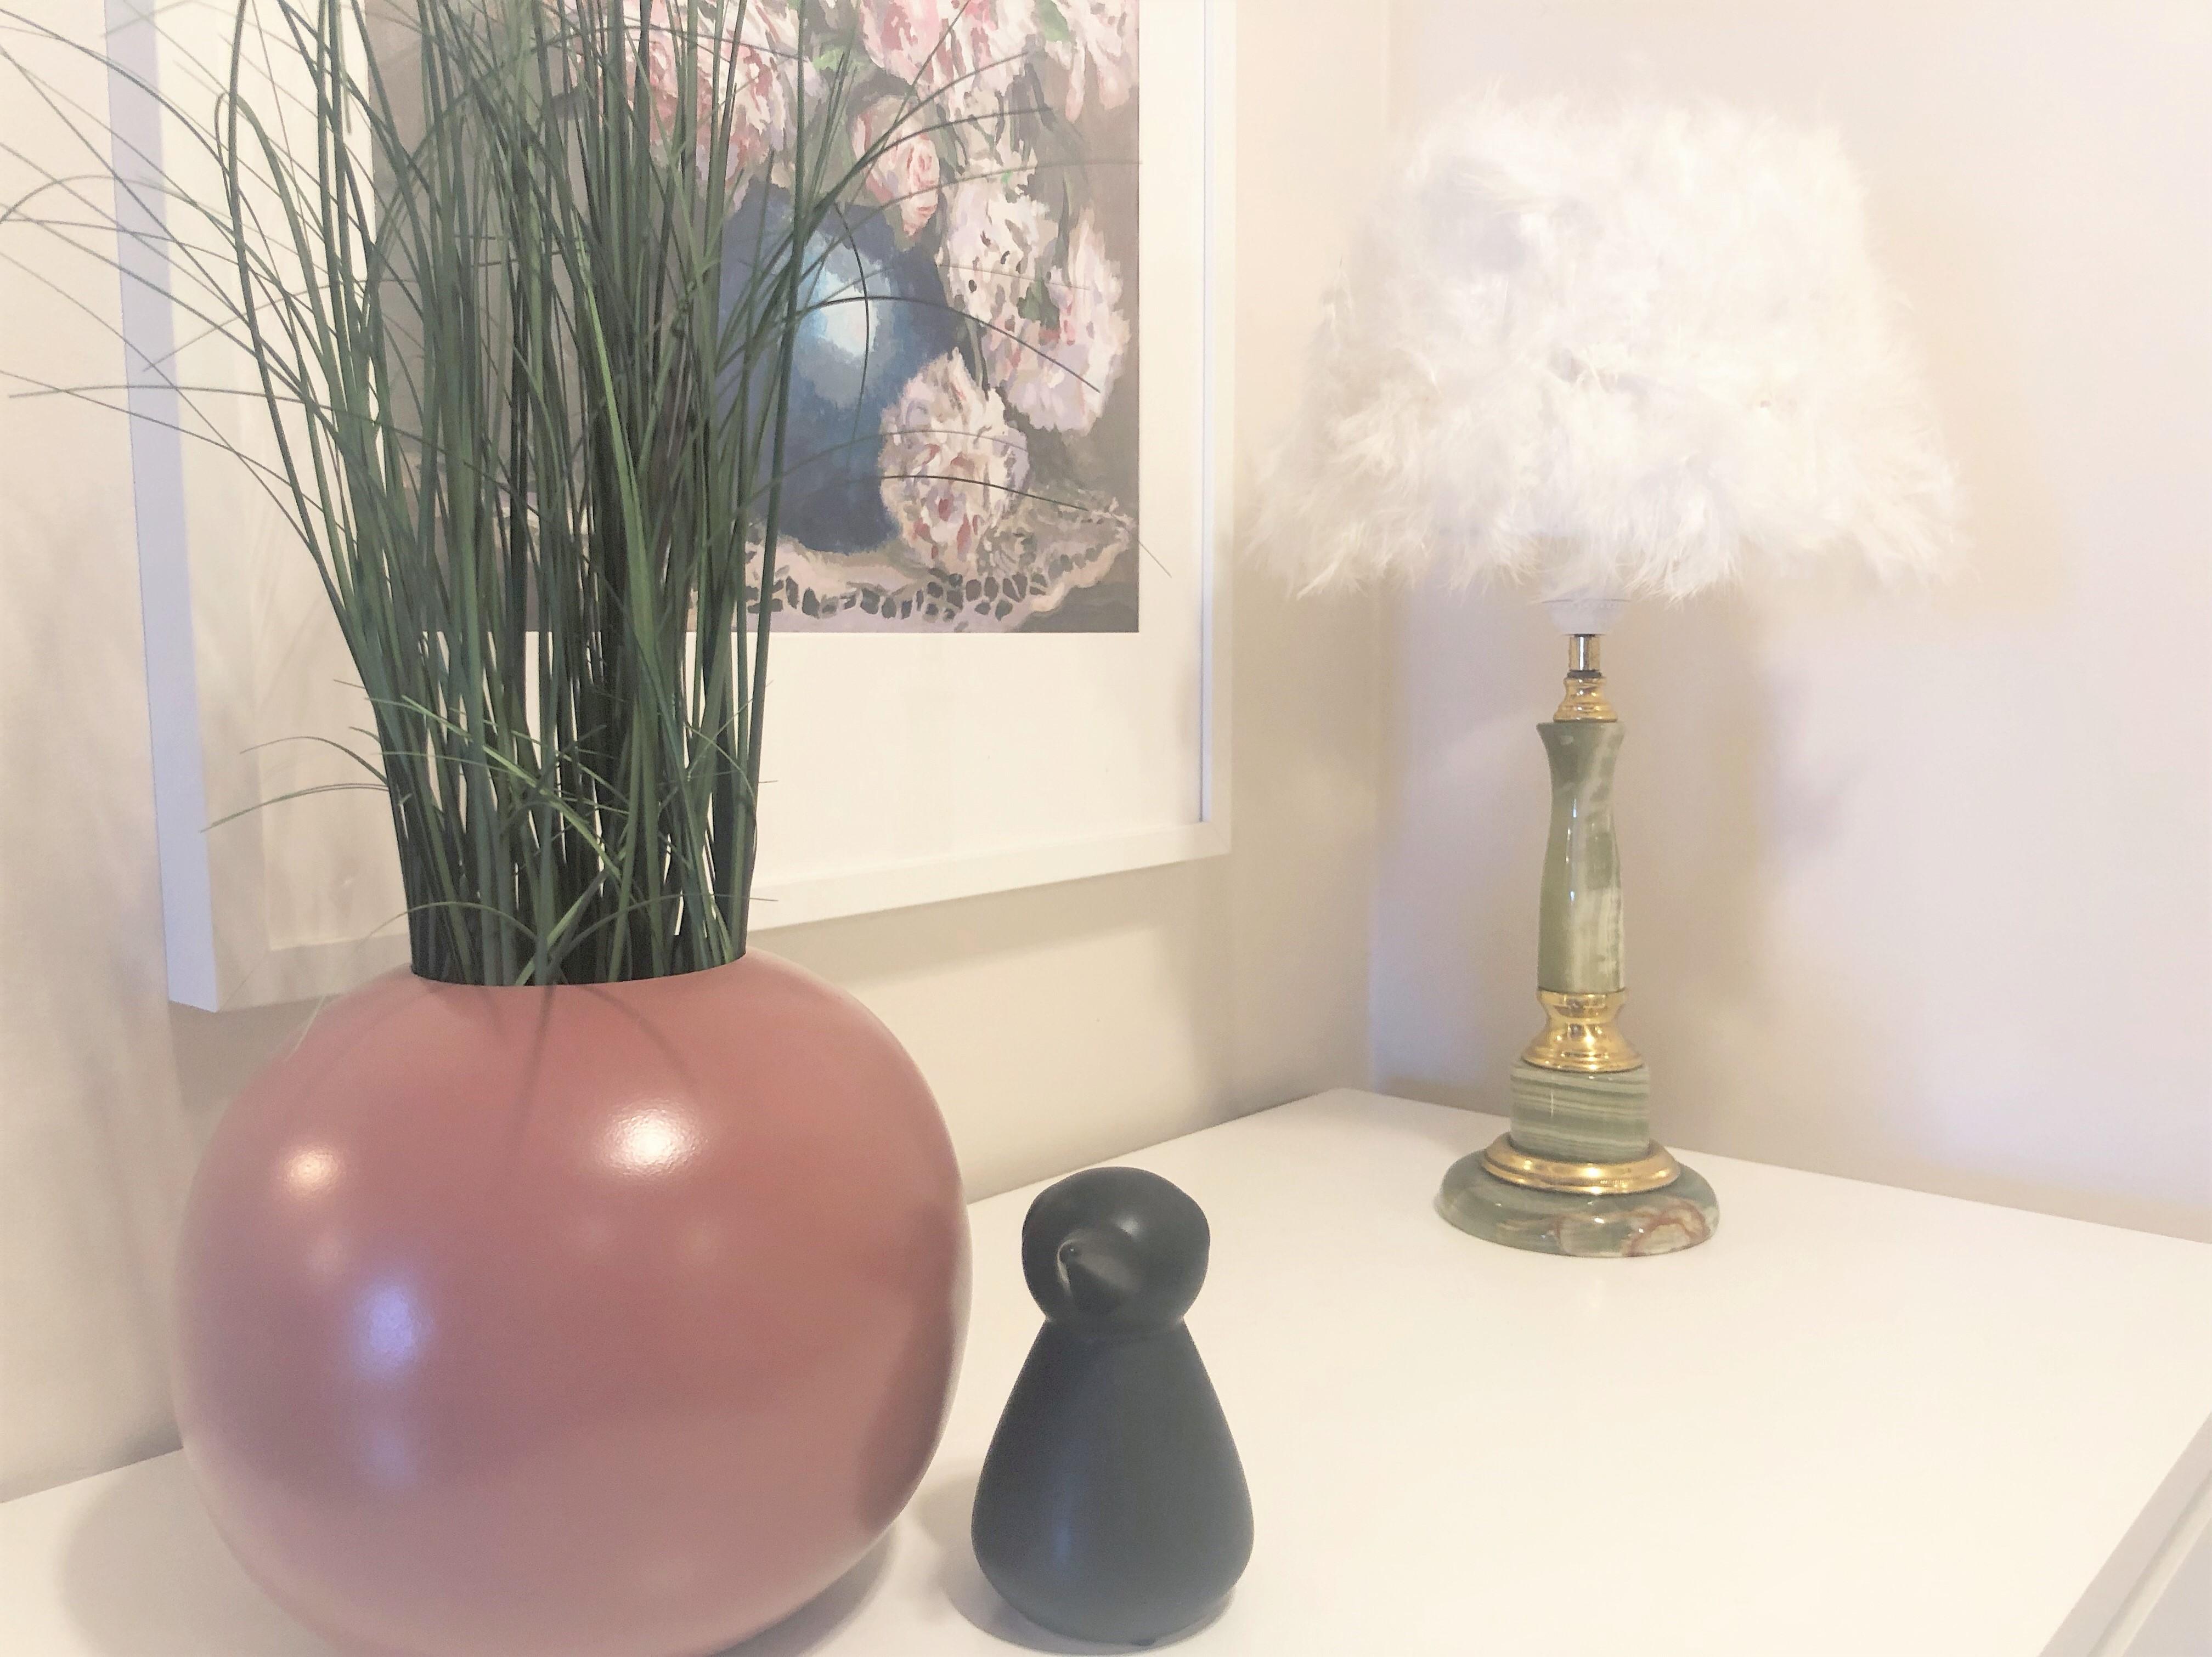 Lampe uten jording – Gammel lampe får nytt liv